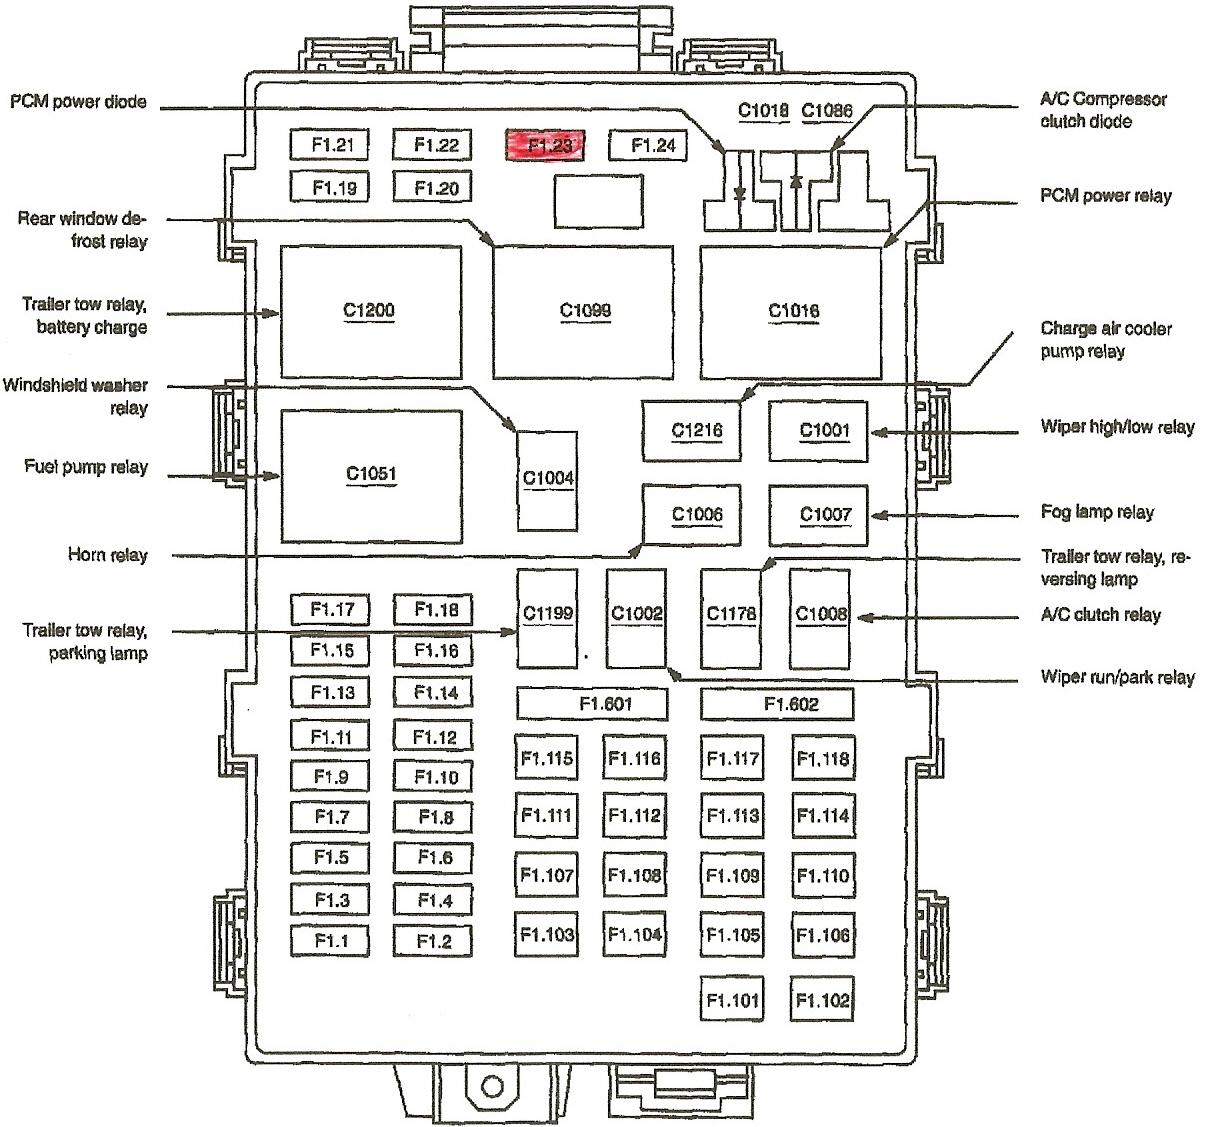 1997 ford f150 4 6l fuse box diagram